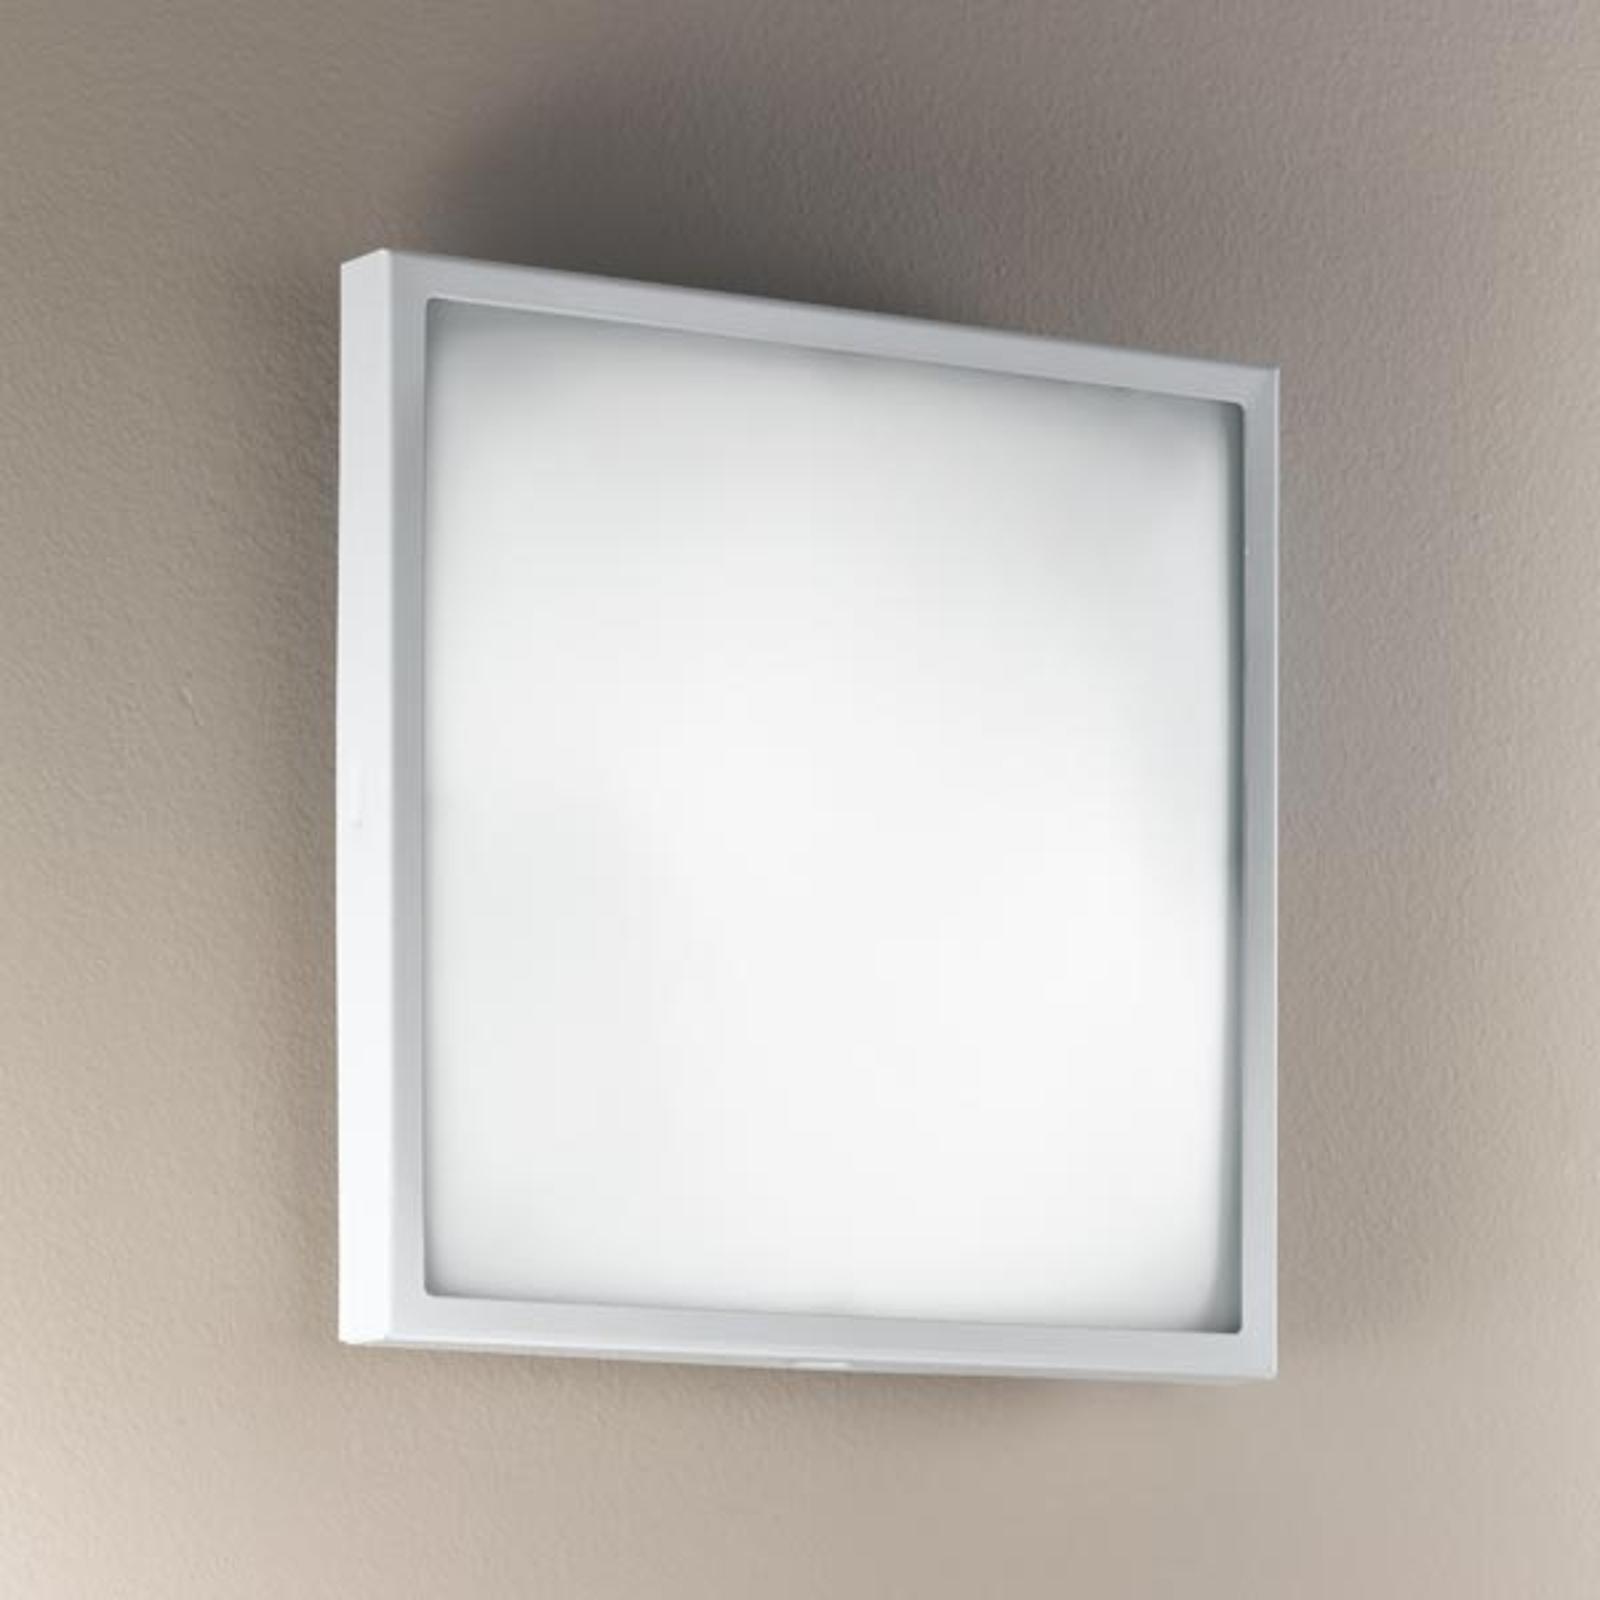 Applique et plafonnier en verre OSAKA 30 blanc